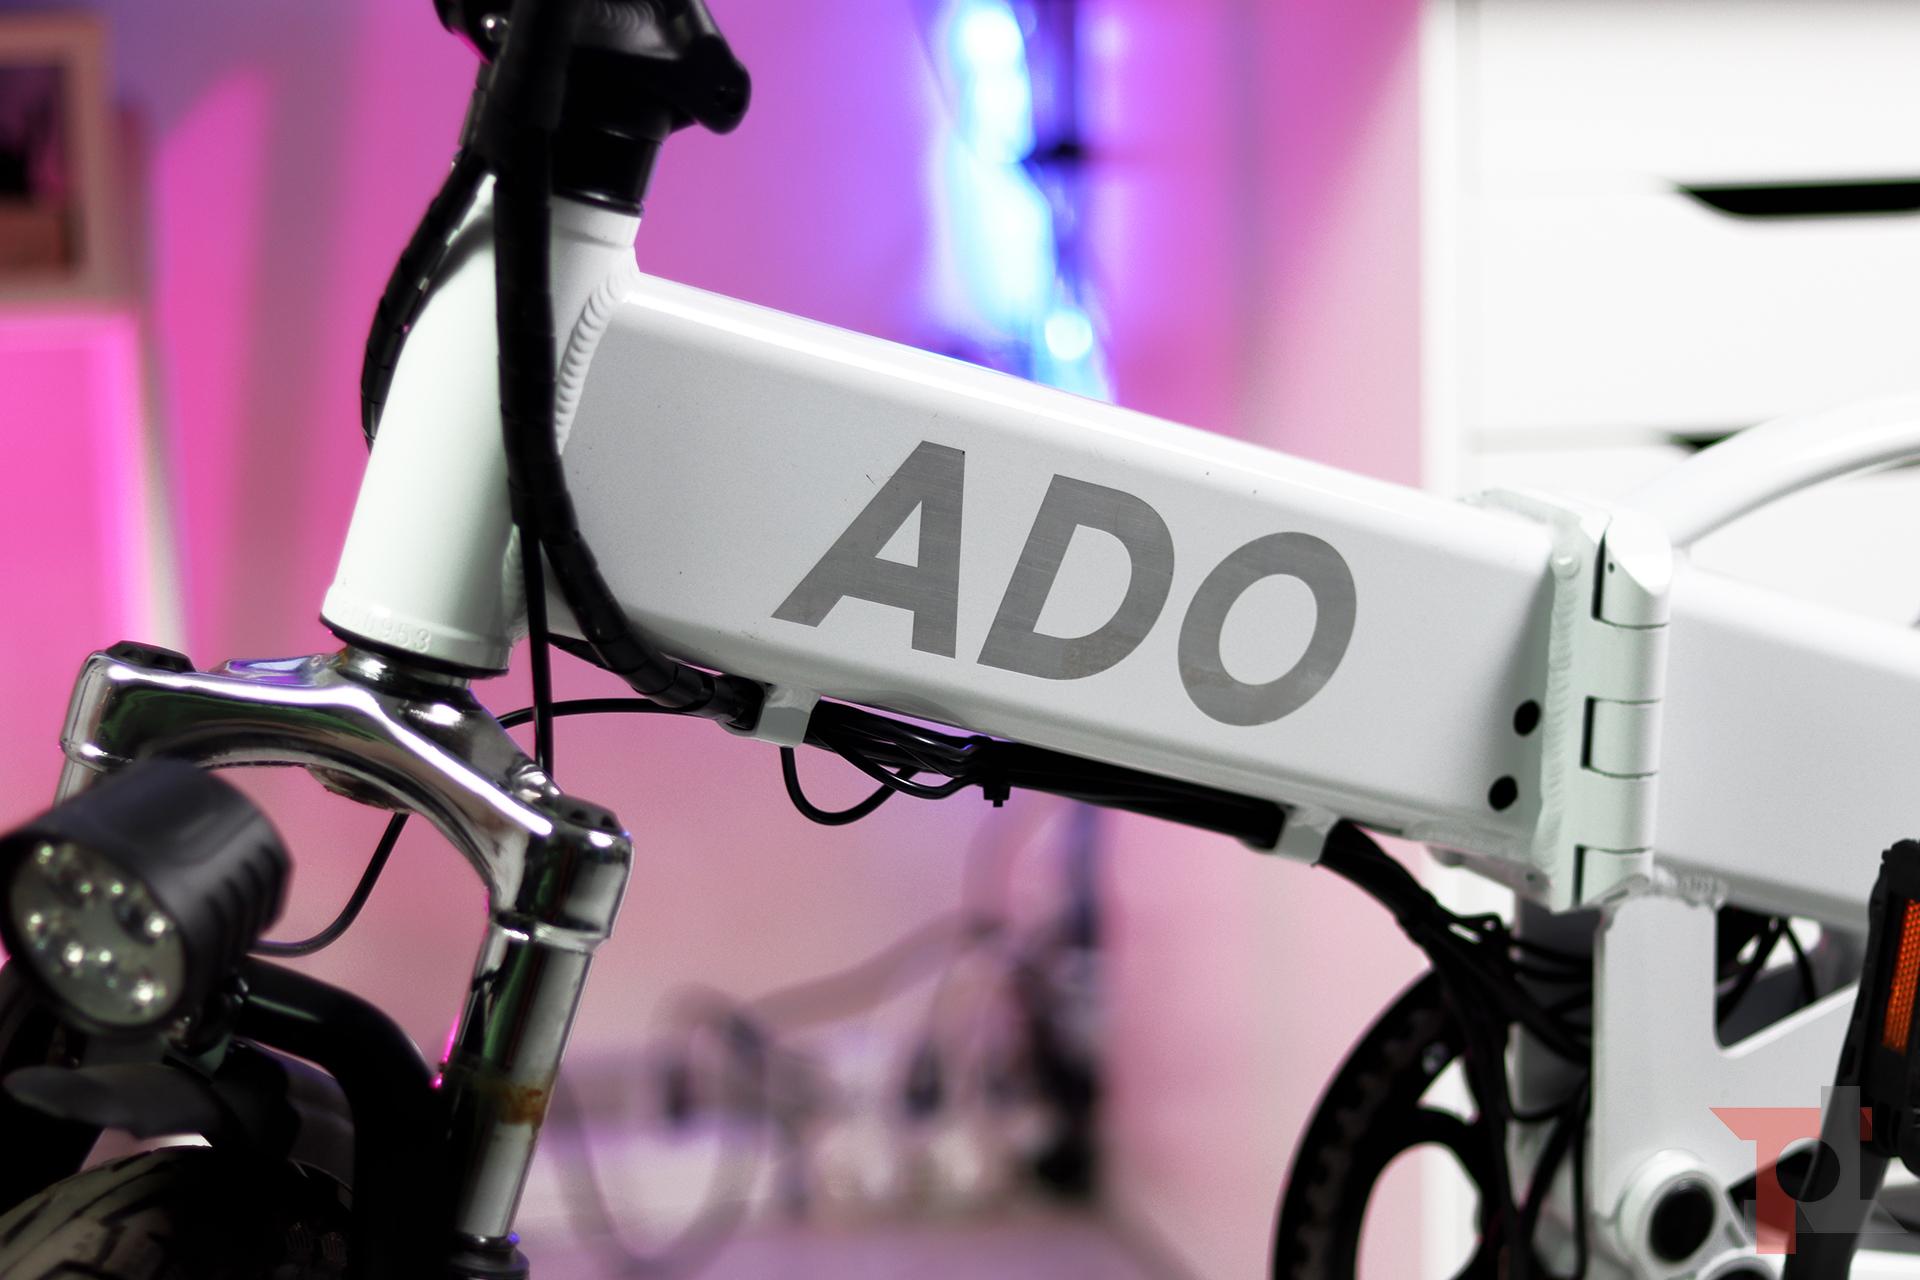 ADO A16 è la nuova bici elettrica per la città: low cost ma senza rinunce e con tanti extra 1